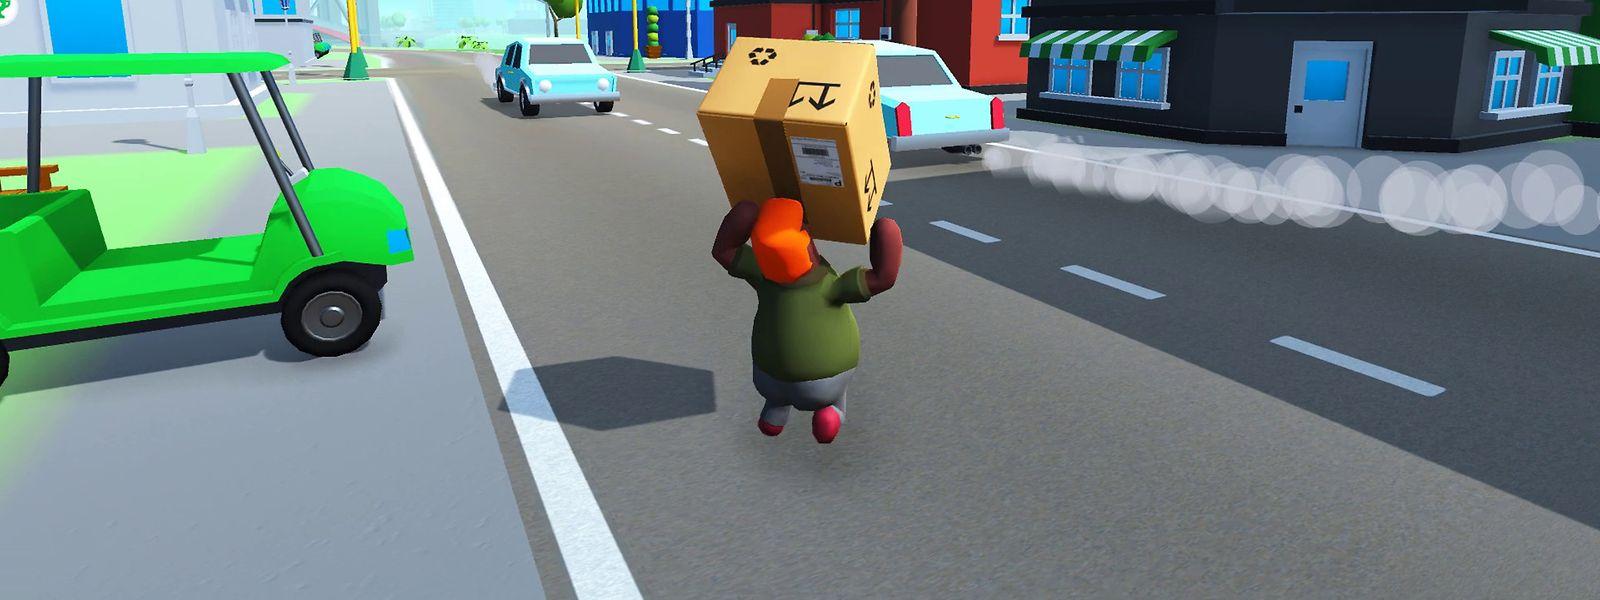 """Der etwas andere Lieferdienst: Beim Game namens """"Totally Reliable Delivery Service"""" – erhältlich für die Konsolen Xbox One, PlayStation 4 und Nintendo Switch sowie für den PC – wird der Paketbote zum gebeutelten Helden."""